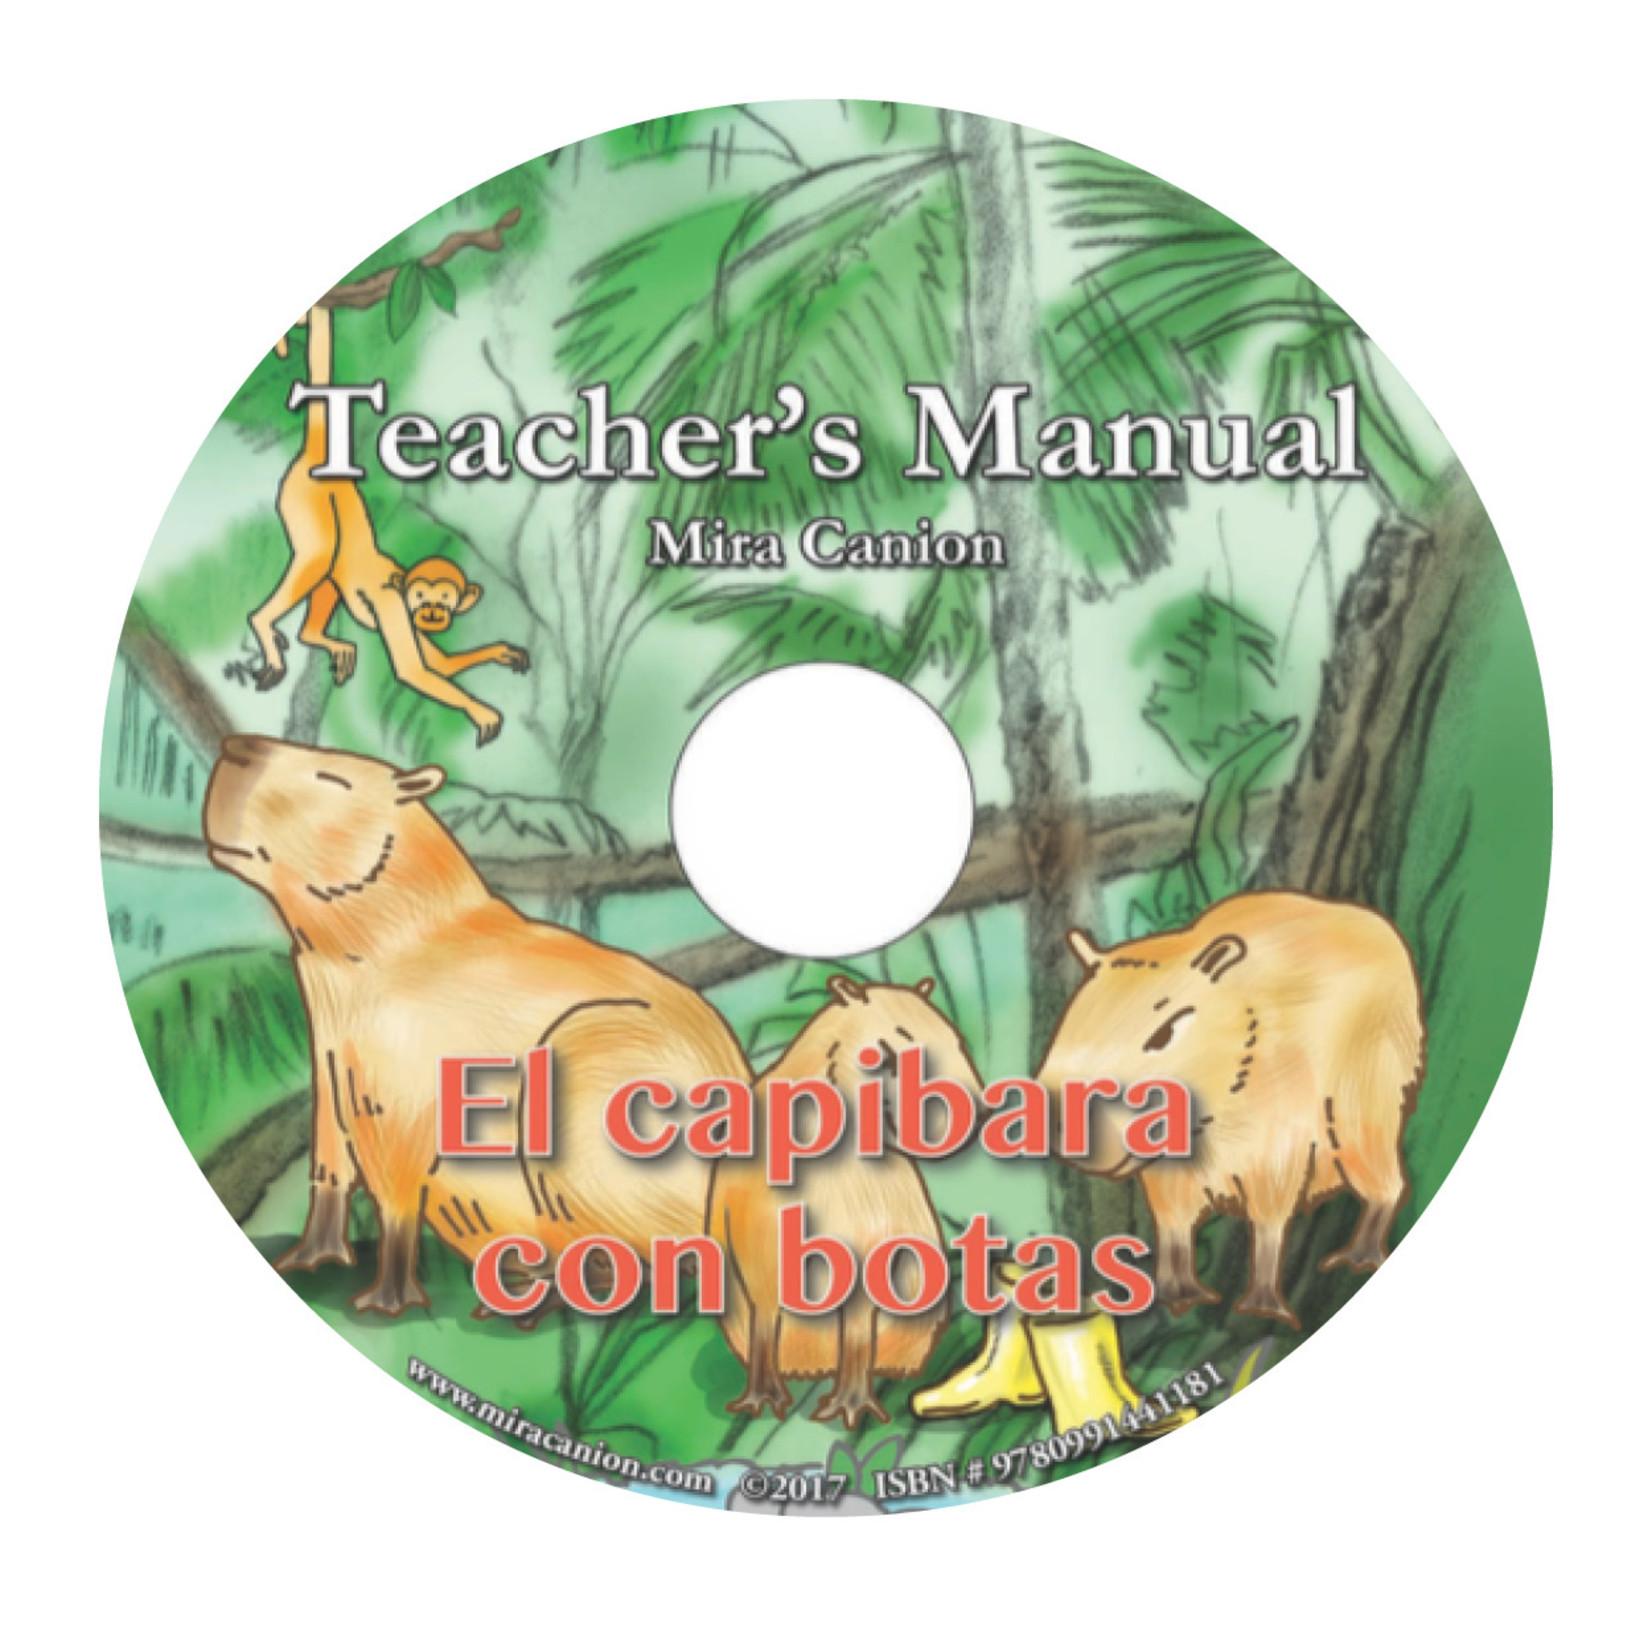 Mira Canion El Capibara con Botas - Docentenhandleiding